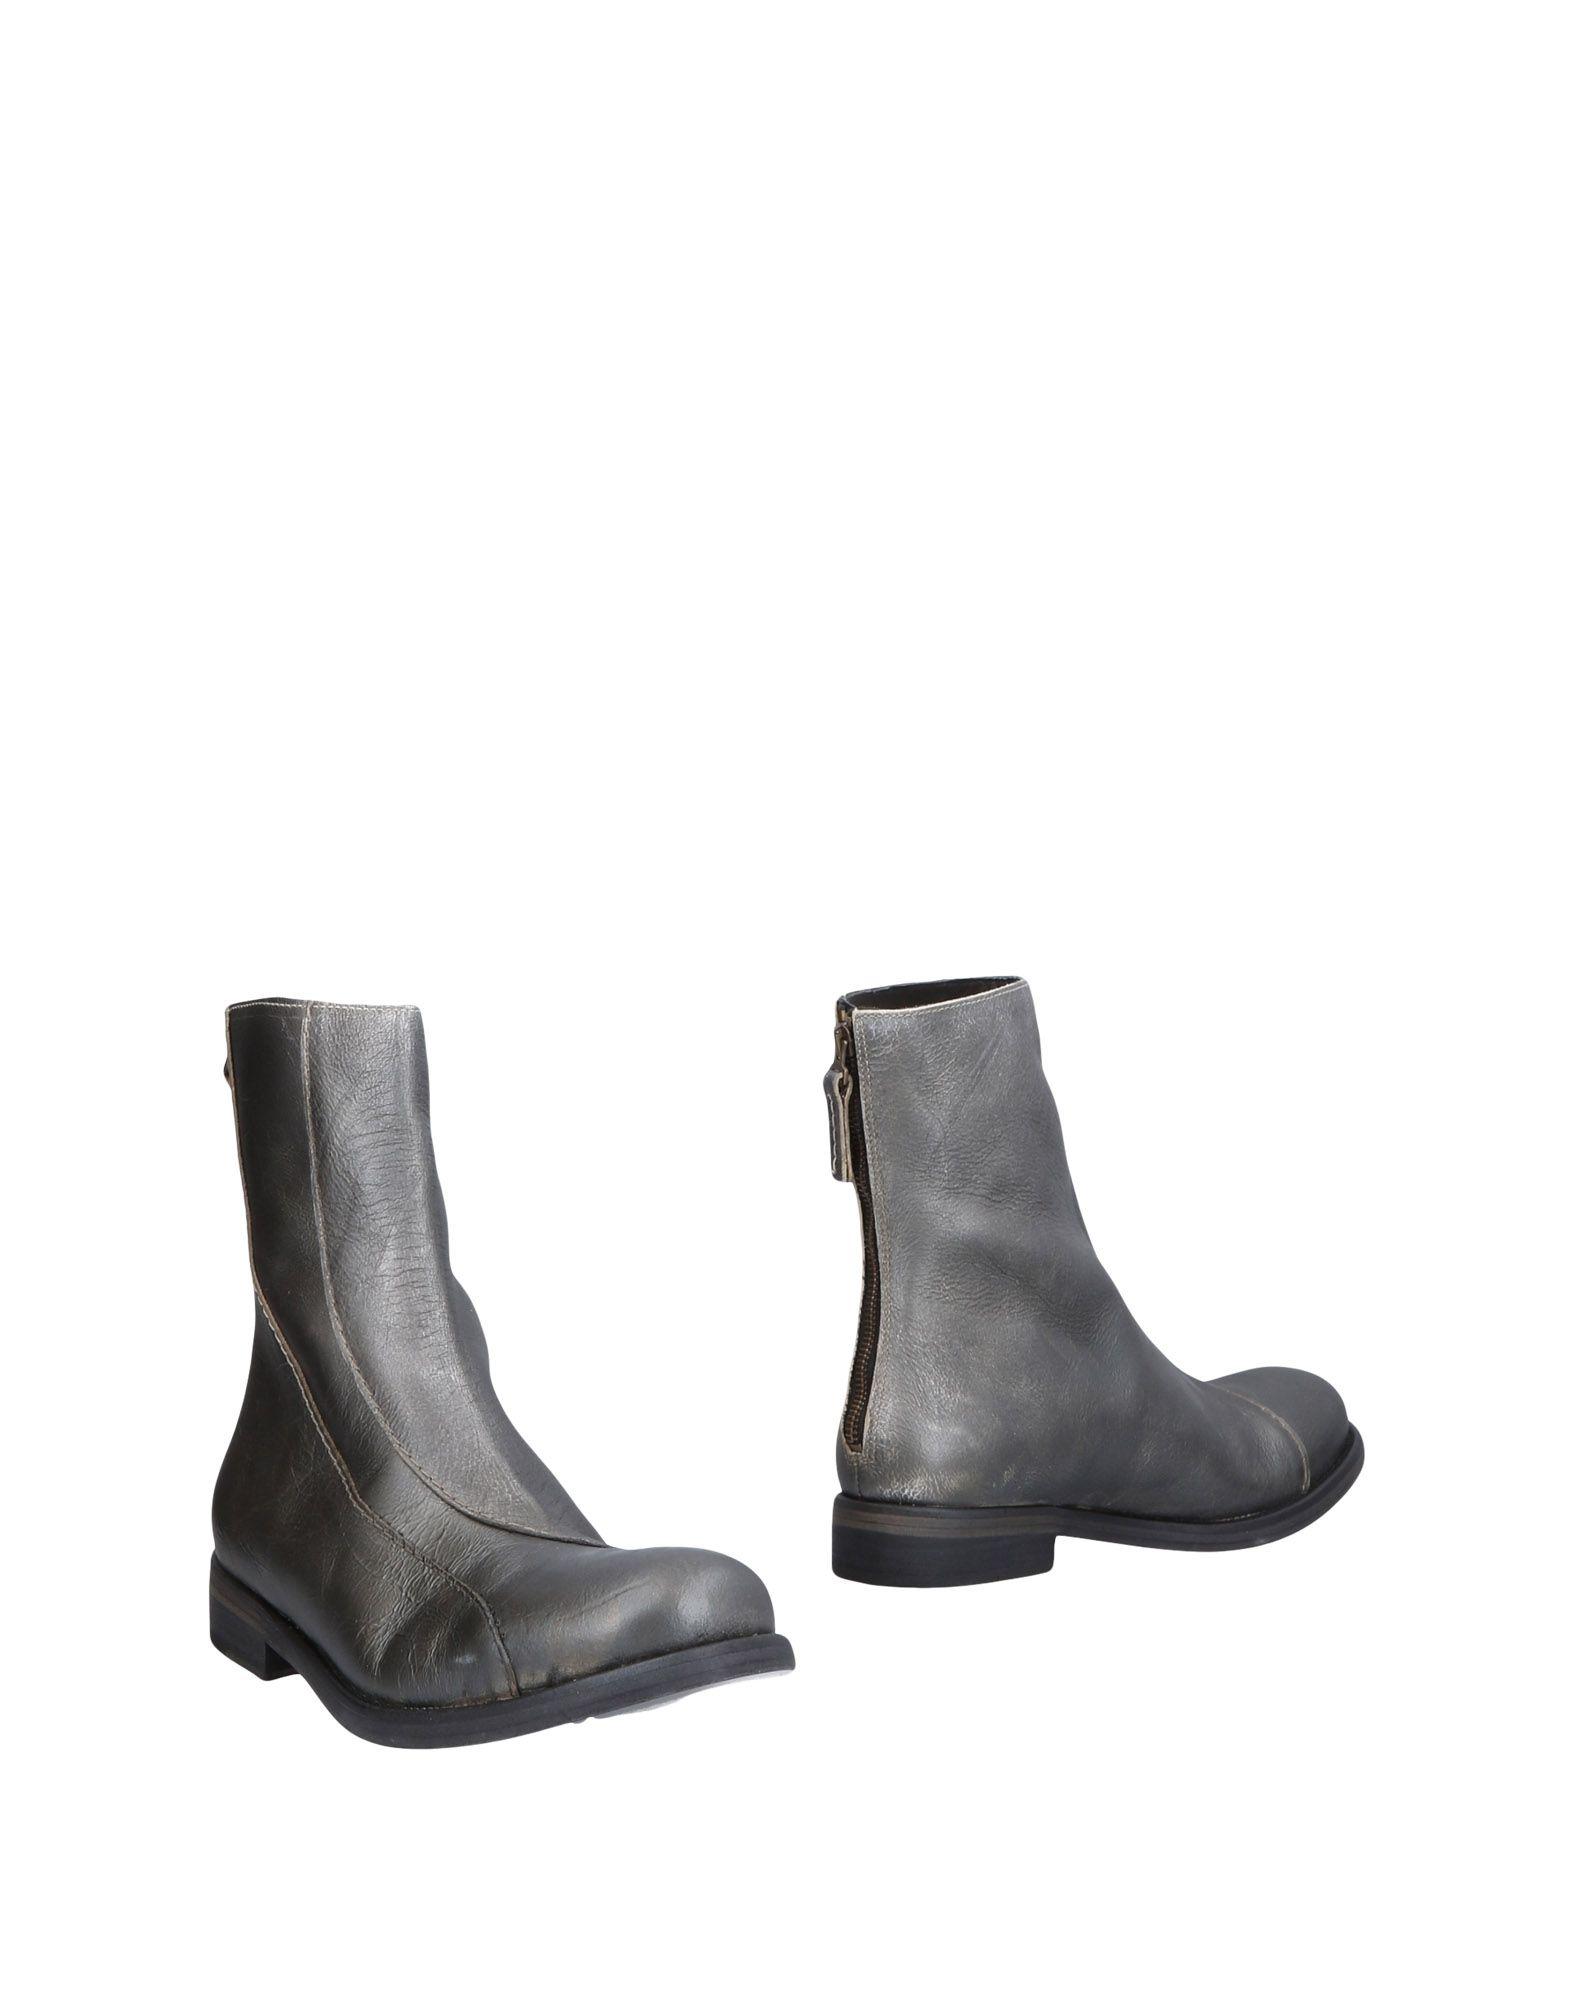 Nostrasantissima Stiefelette Herren  11461083DA Gute Qualität beliebte Schuhe